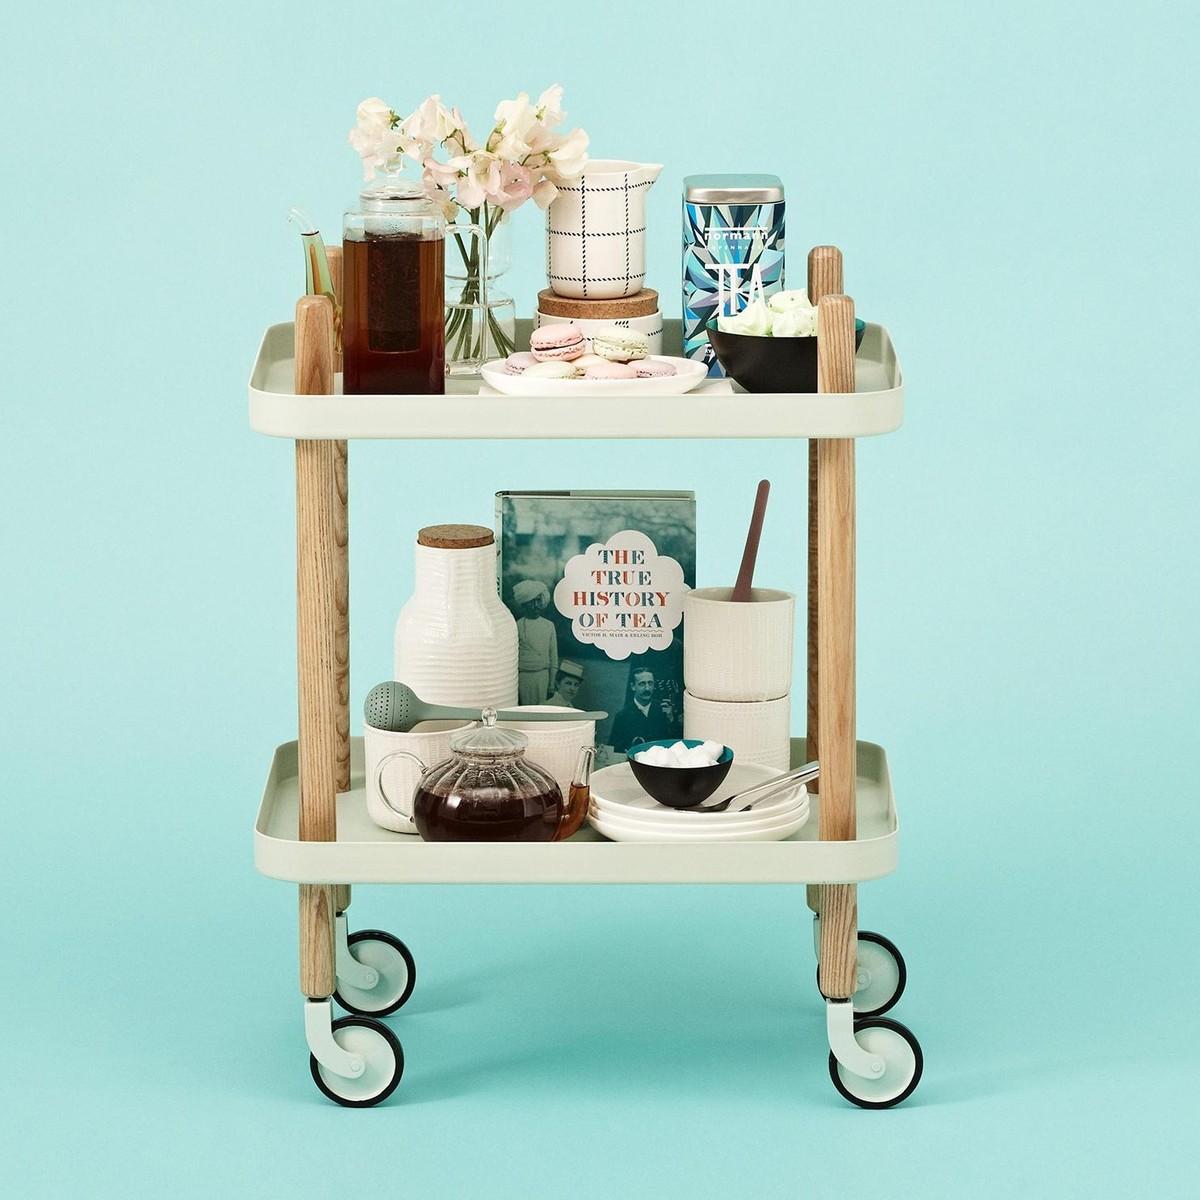 block beistelltisch servierwagen normann copenhagen. Black Bedroom Furniture Sets. Home Design Ideas